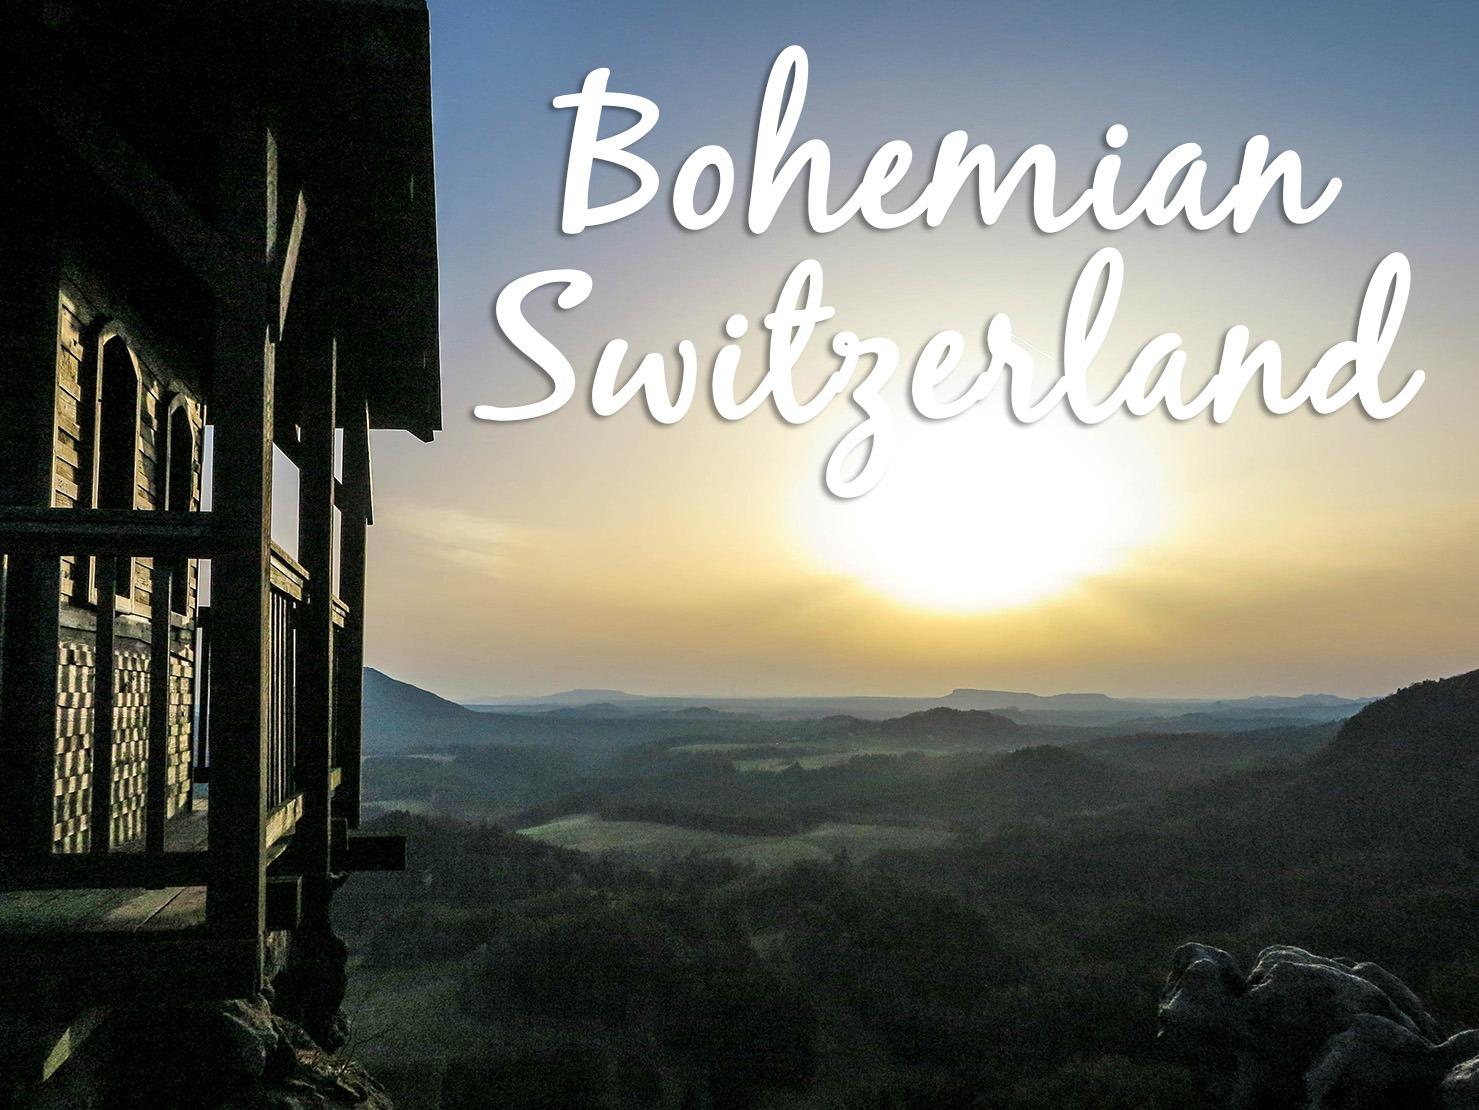 Vertigo inducing views in Bohemian Switzerland